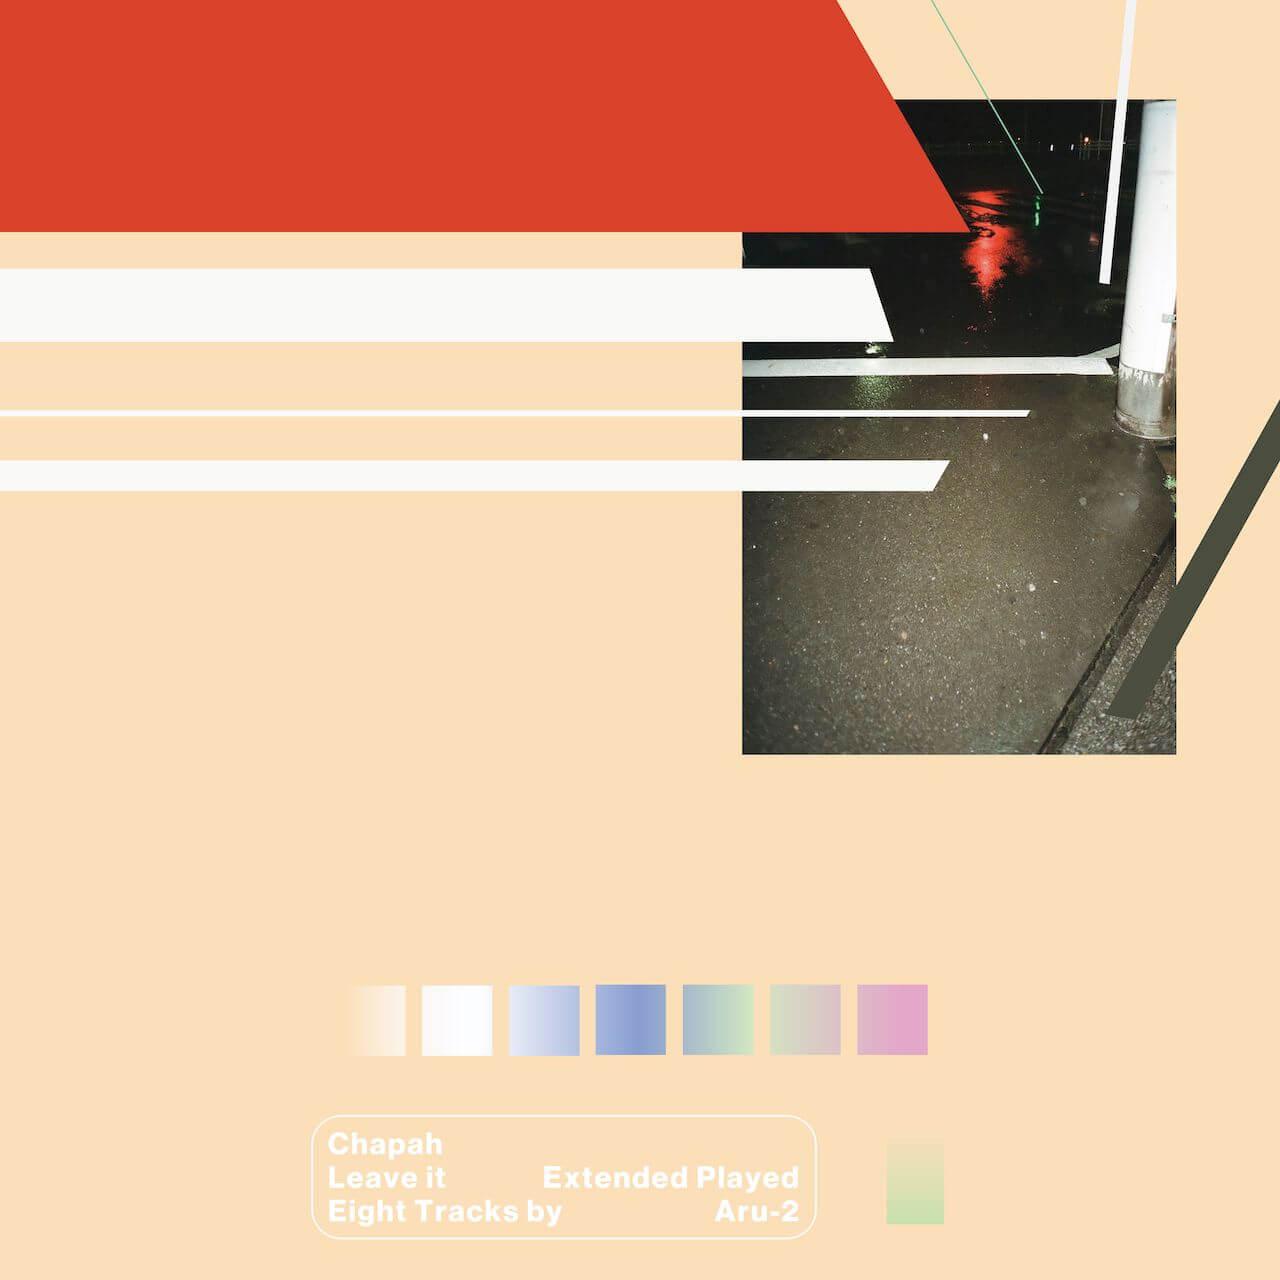 CHAPAH、Aru-2が全曲プロデュースしたアルバム『Leave it』をリリース music210310-chapah-2